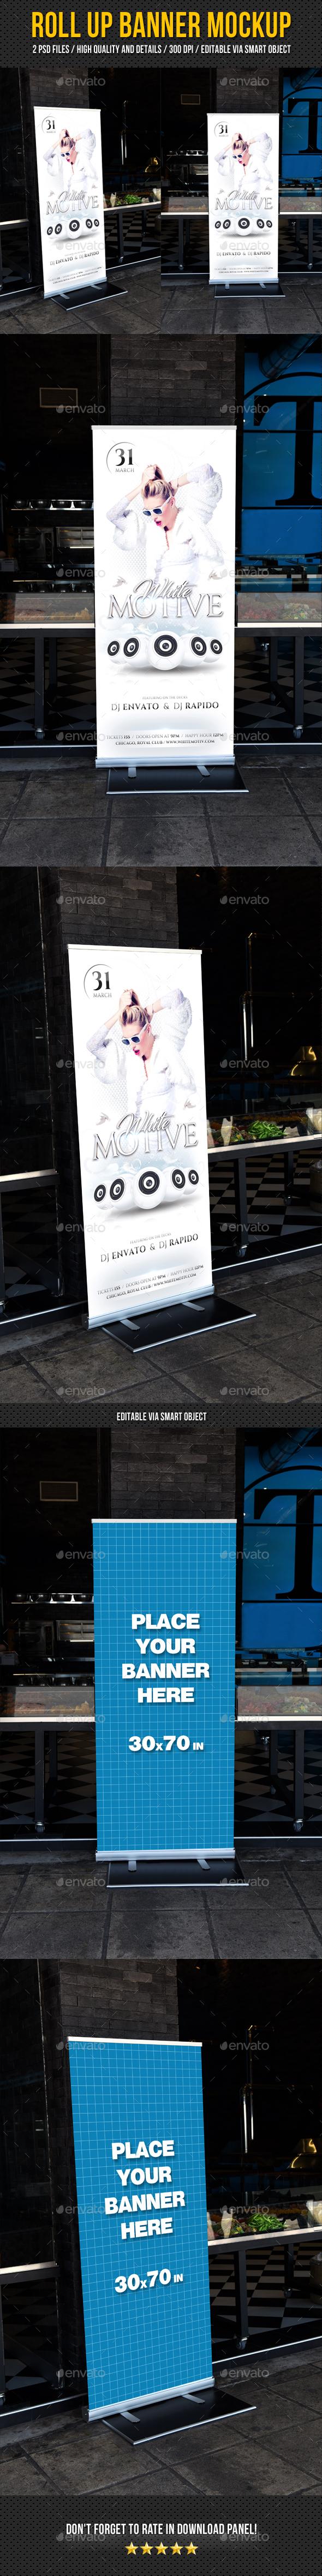 Roll Up Banner Mockup V2 - Signage Print